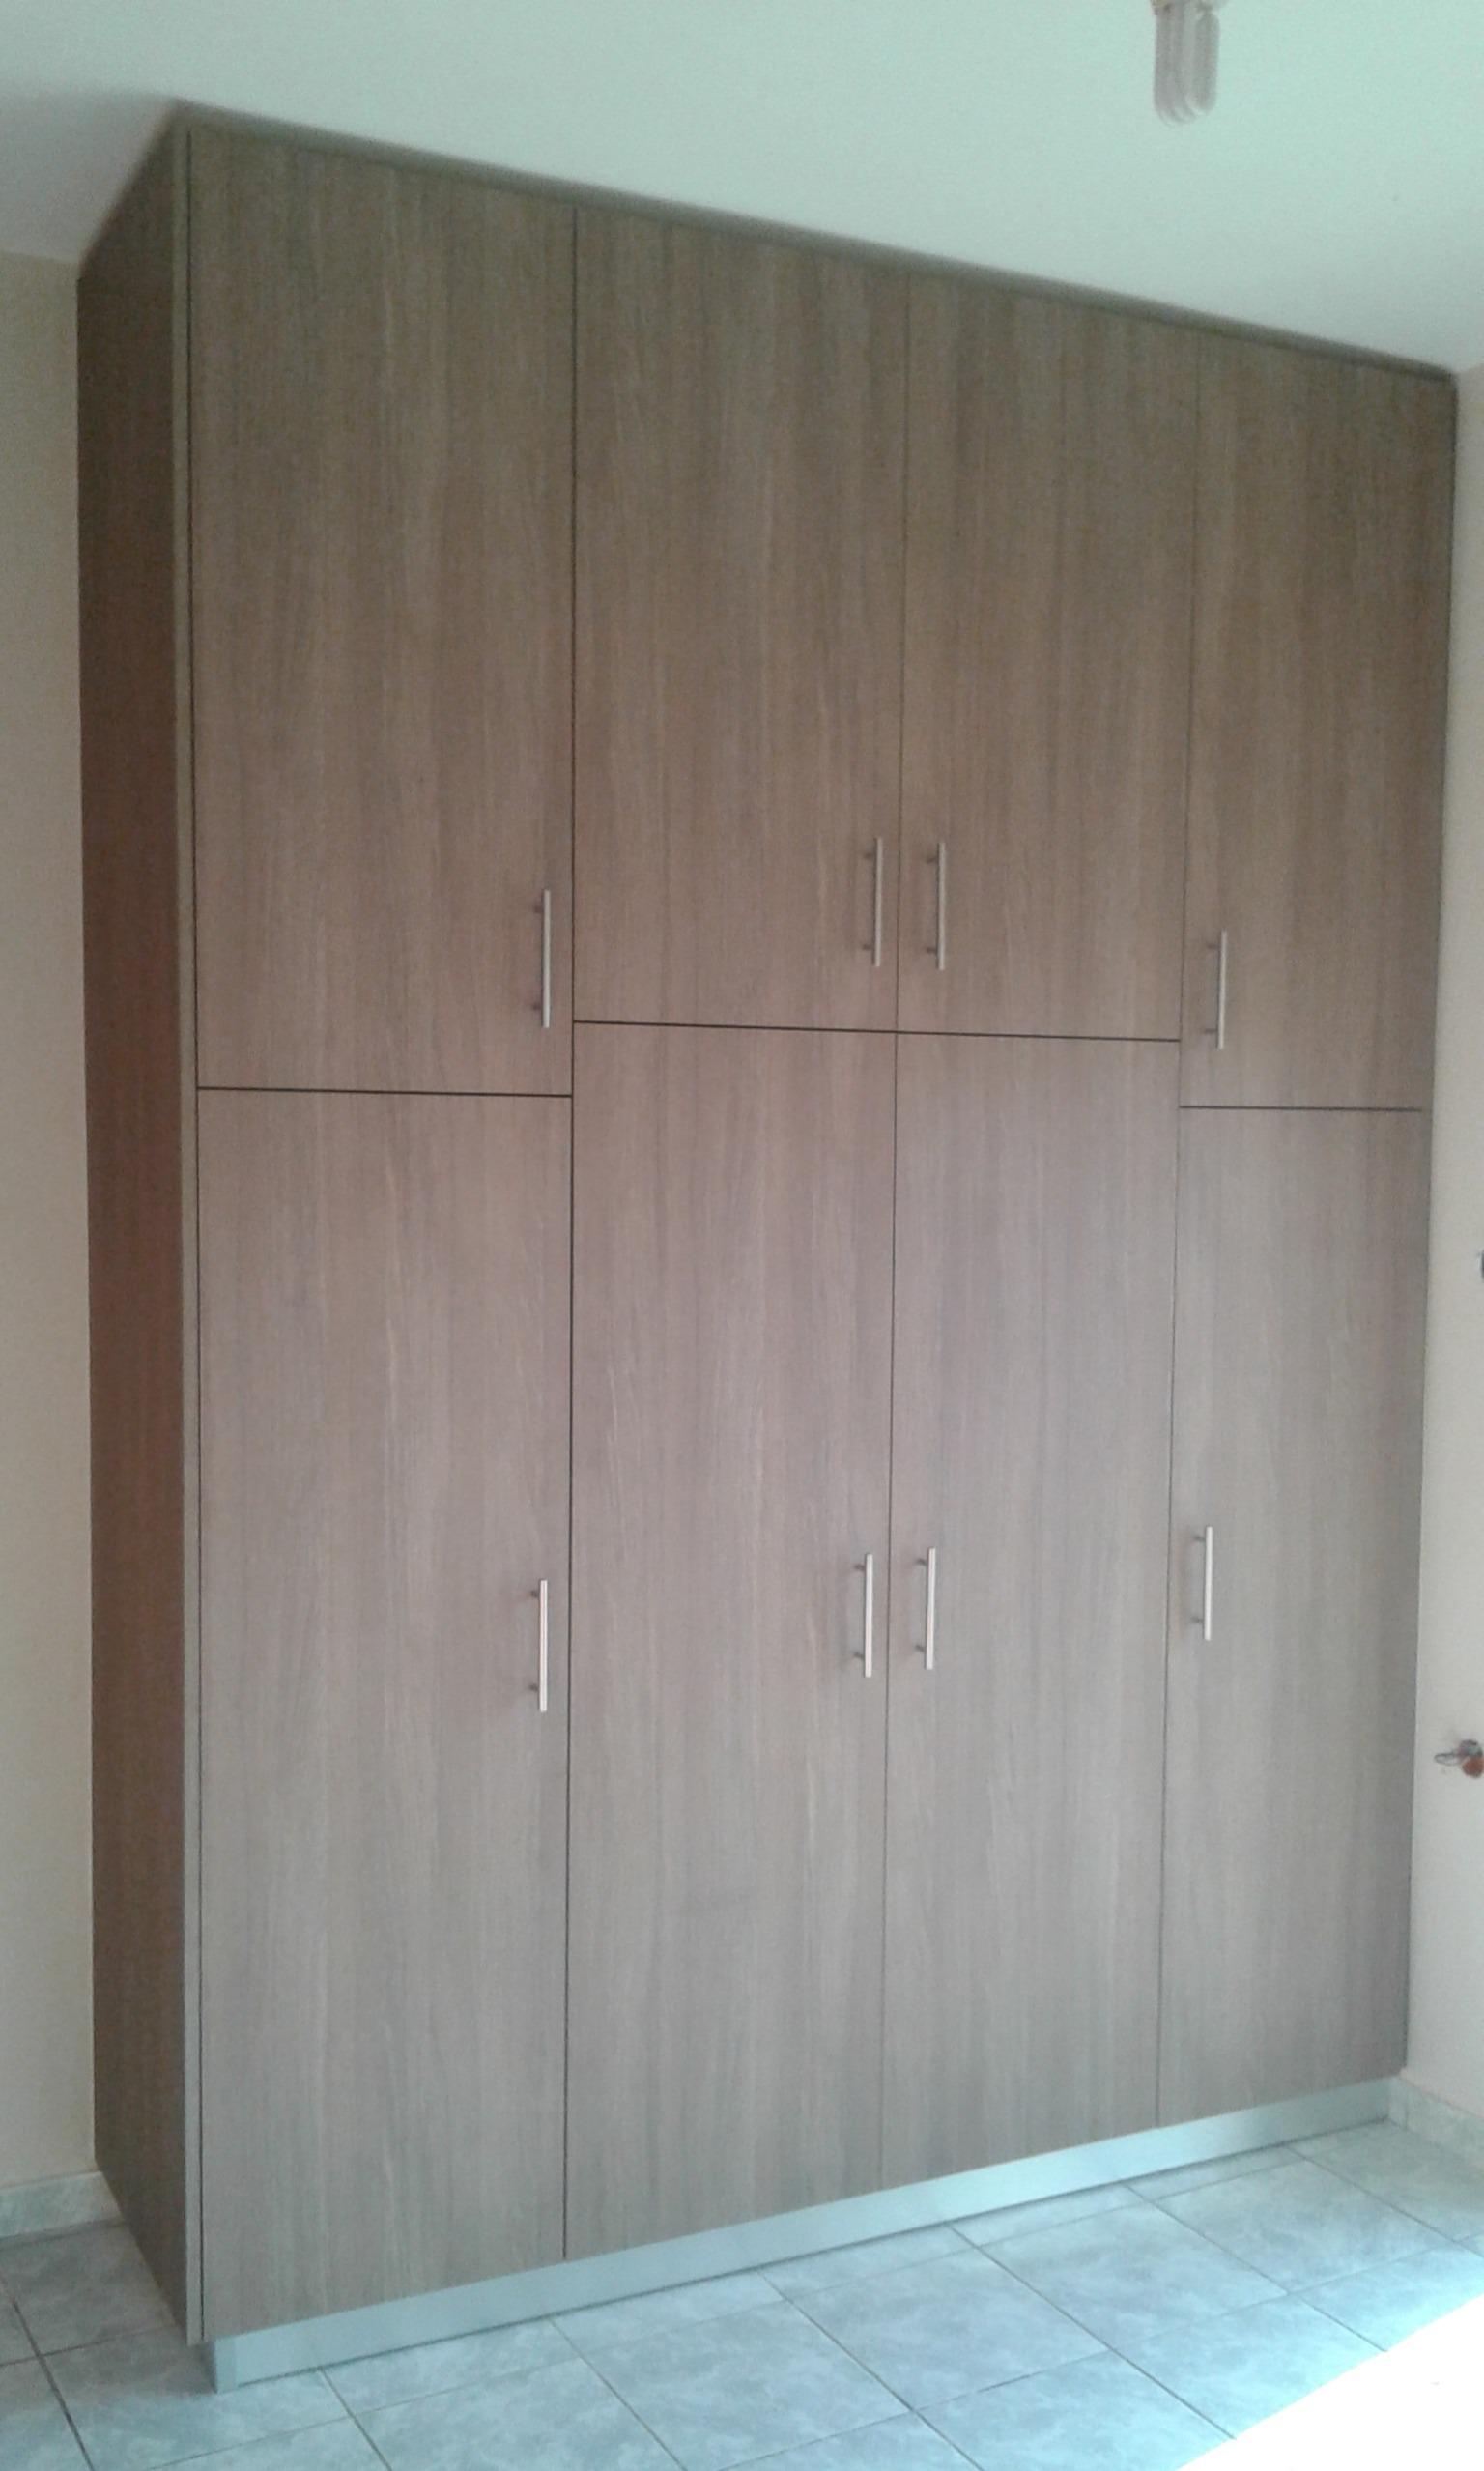 Τετράφυλλη ανοιγόμενη ντουλάπα με πόρτα βακελίτη.